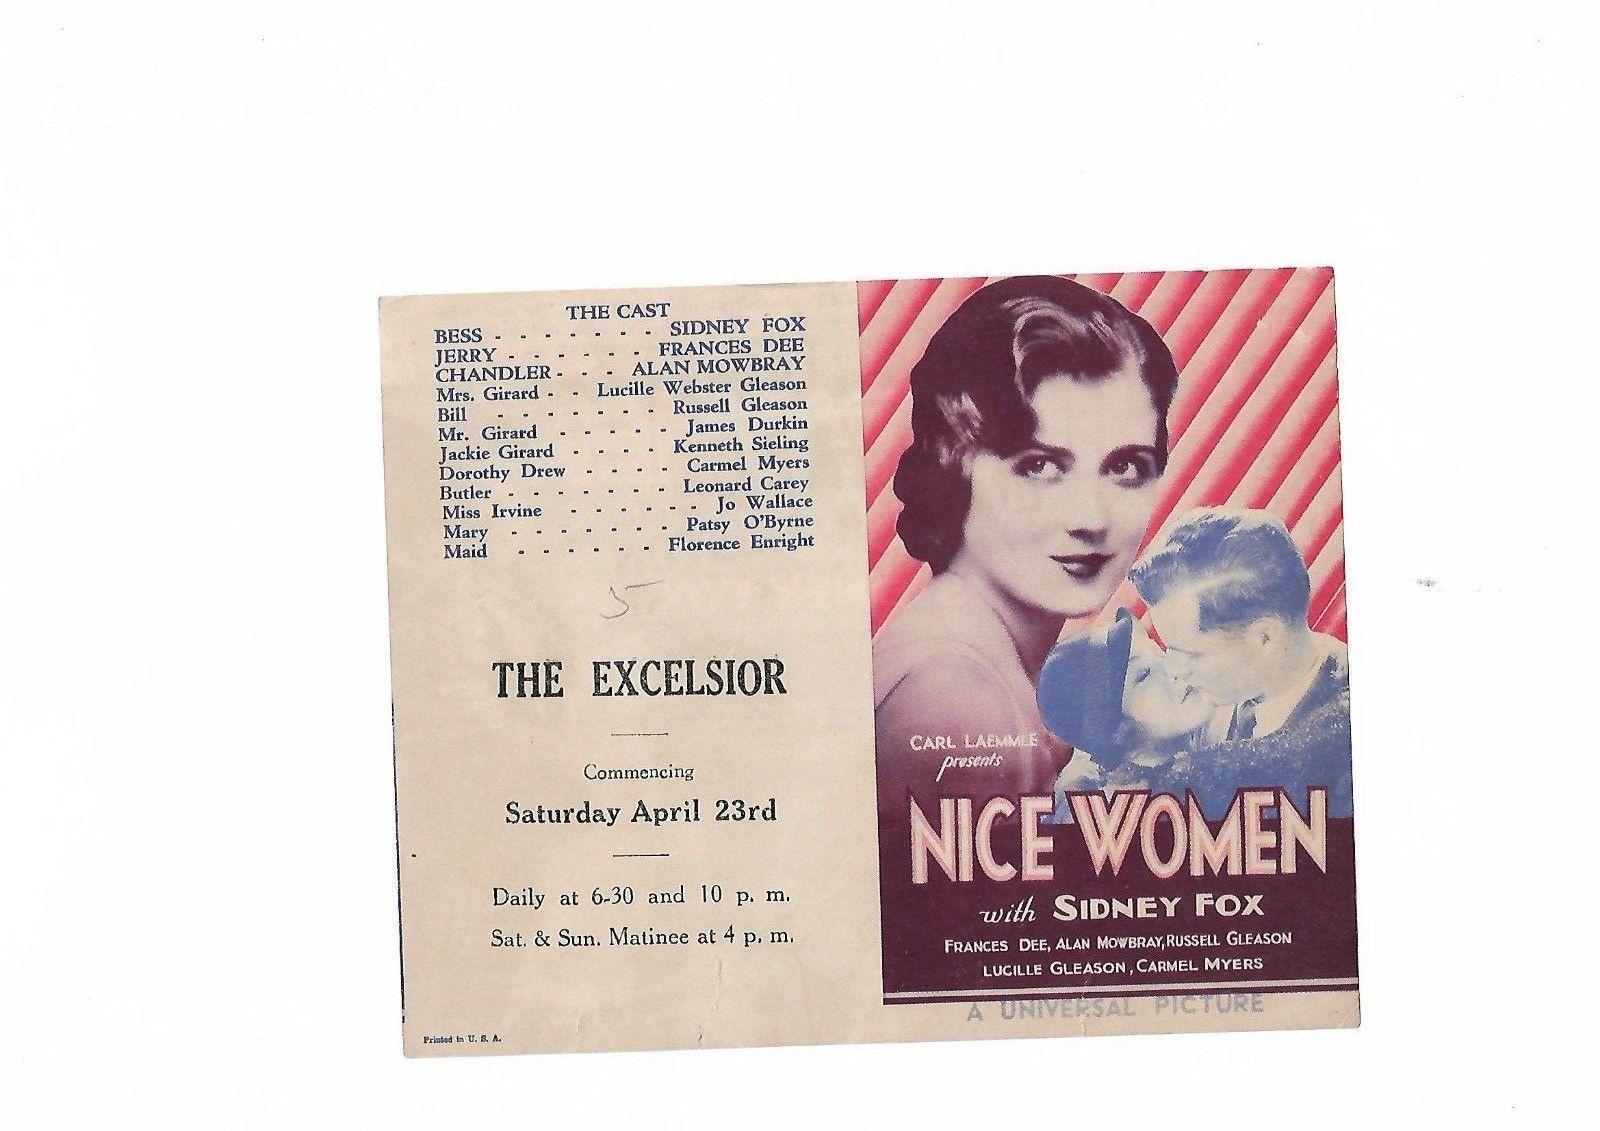 Swati Reddy,Natane Adcock USA 3 1995, 1998-1999 Porno gallery Veronica Hamel born November 20, 1943 (age 74),Fiona Fullerton (born 1956 (born in Nigeria)